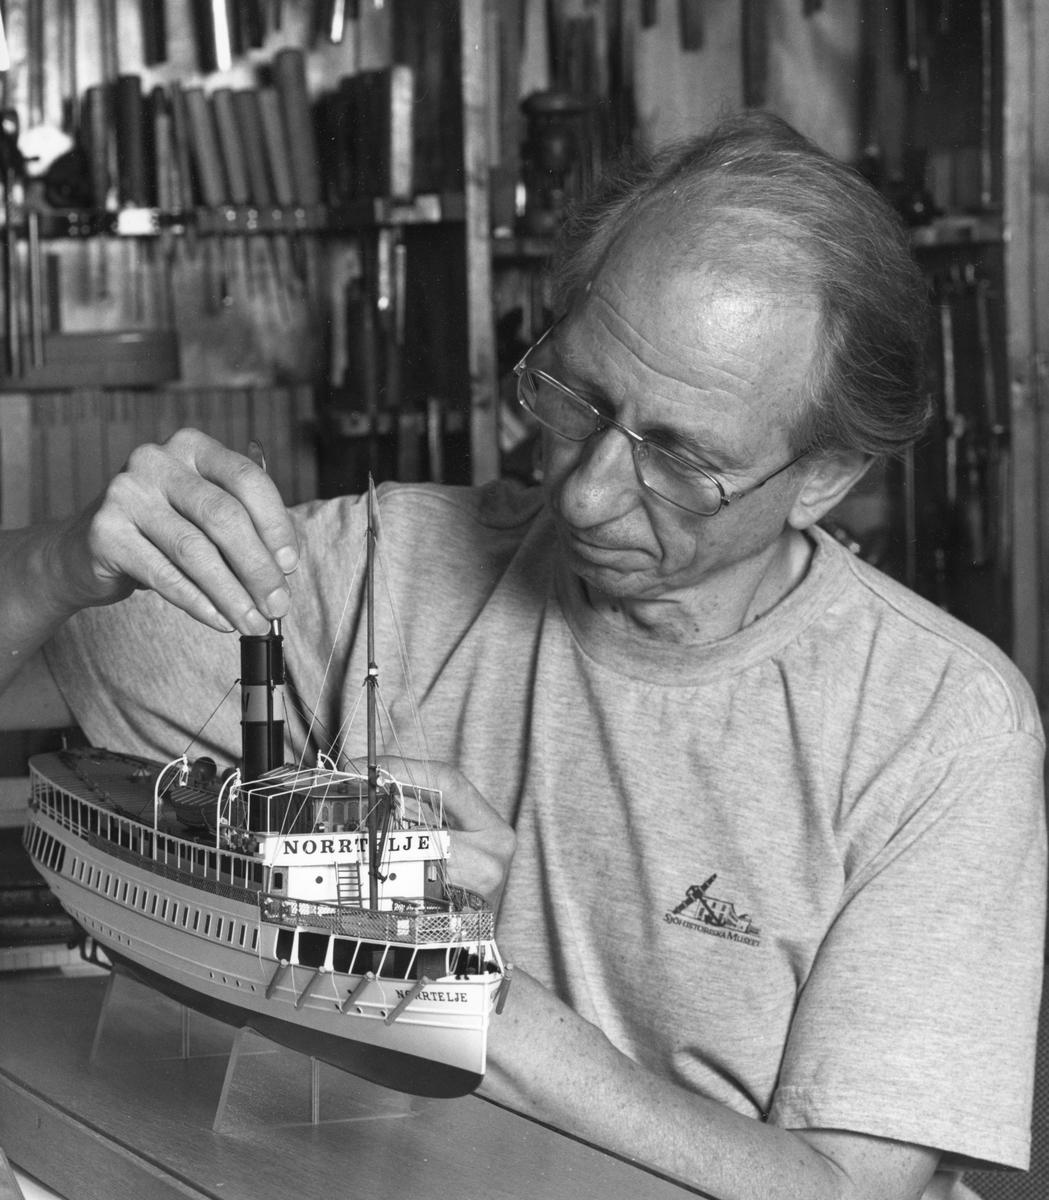 Modellbyggare Göran Forss arbetar med en modell av passagerarångfartyget NORRTELJE.